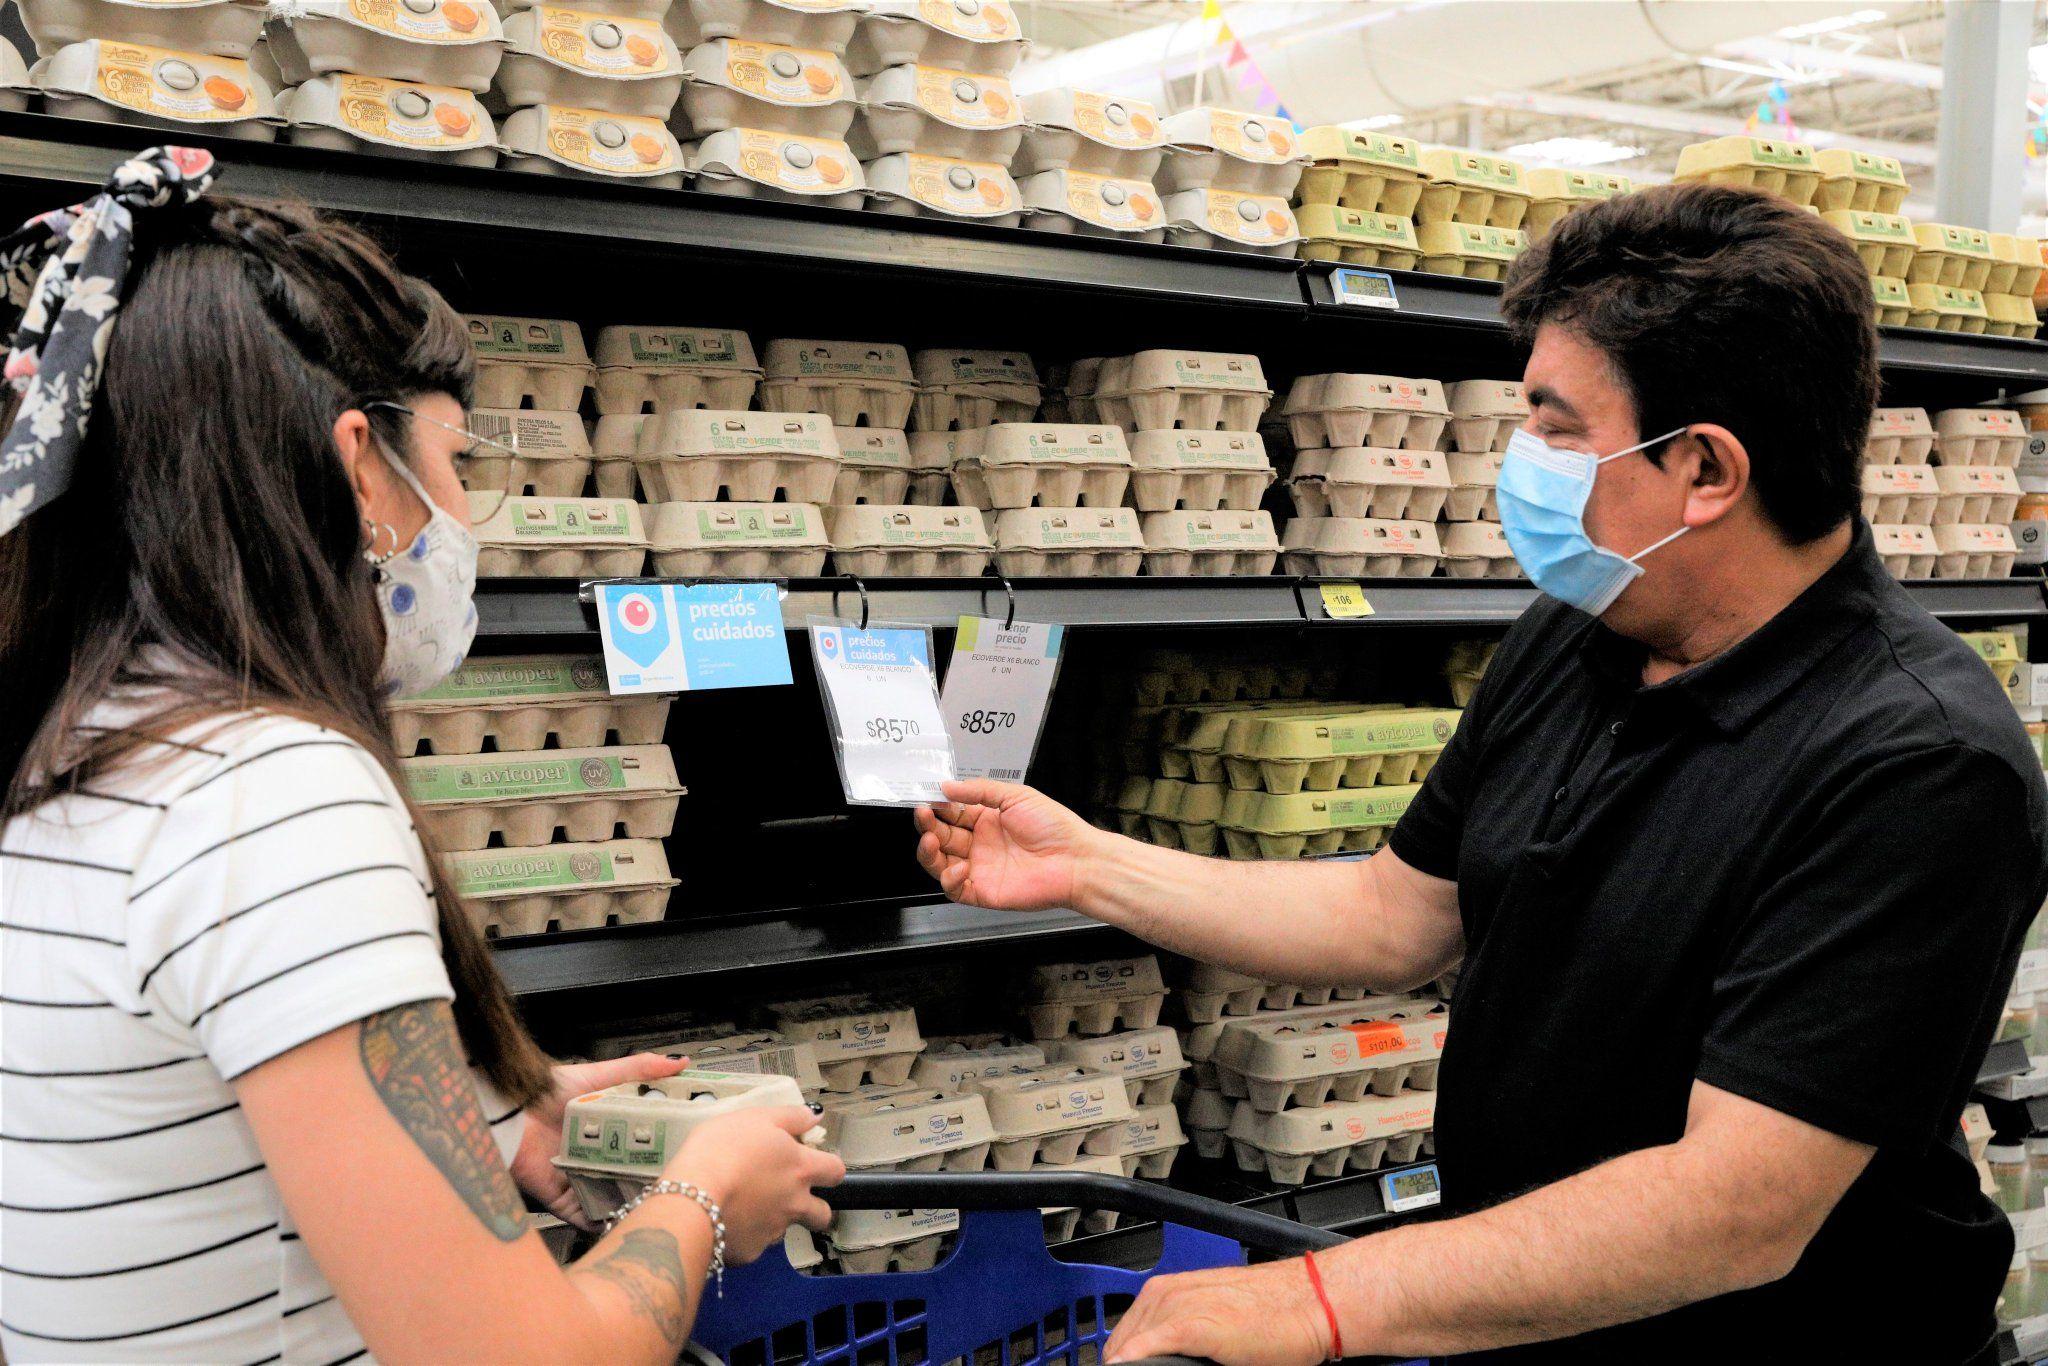 intendentes oficialistas salieron a controlar precios en los supermercados